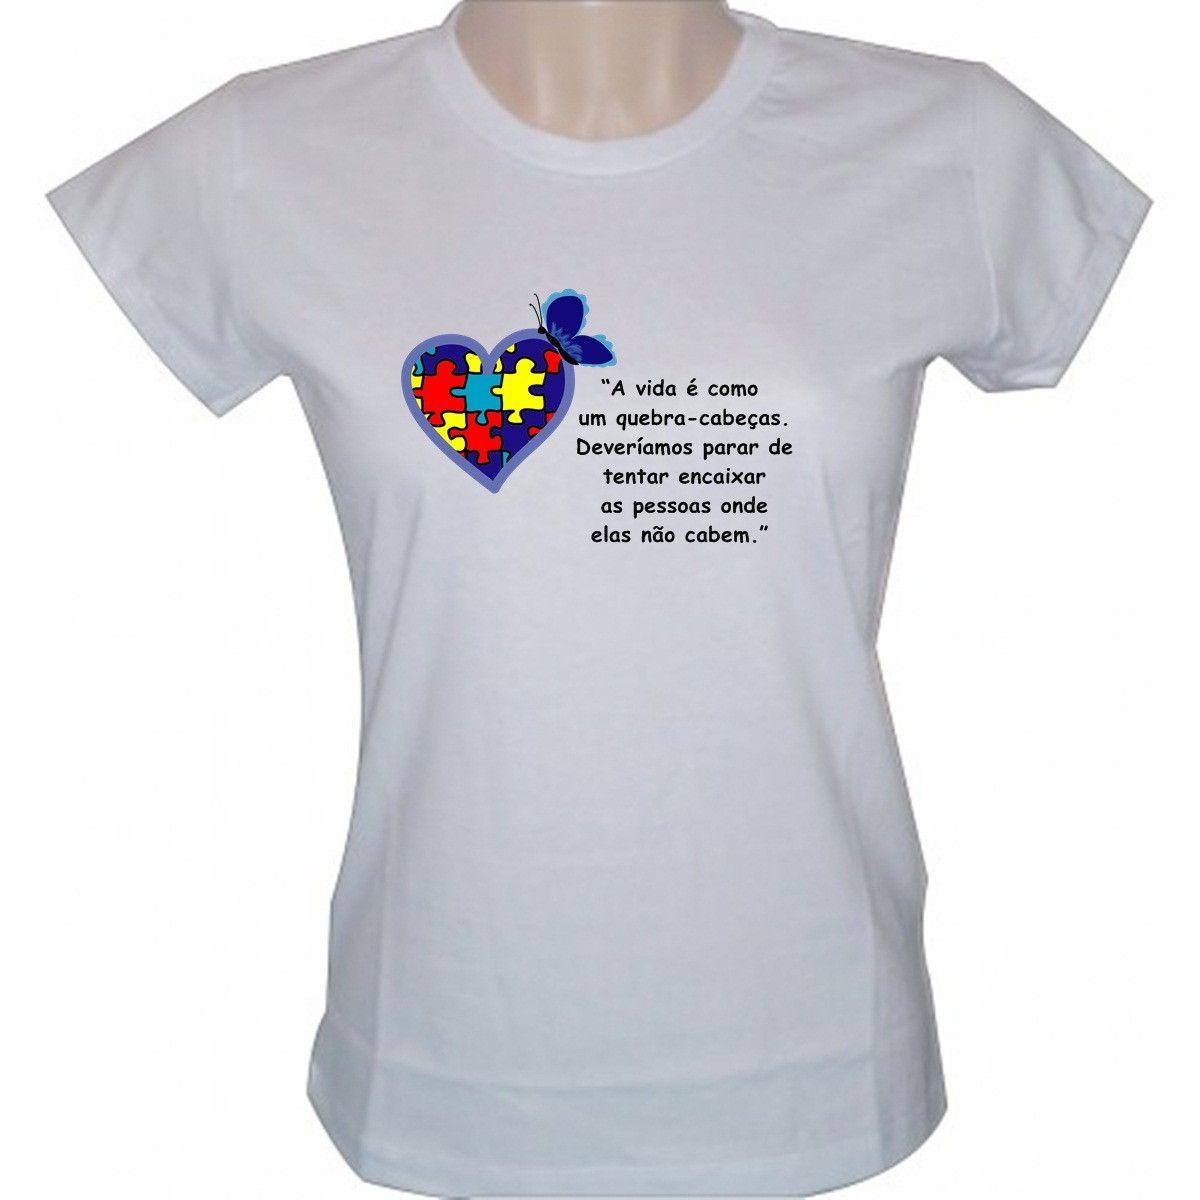 Camiseta autismo  ee6eee626ad2a